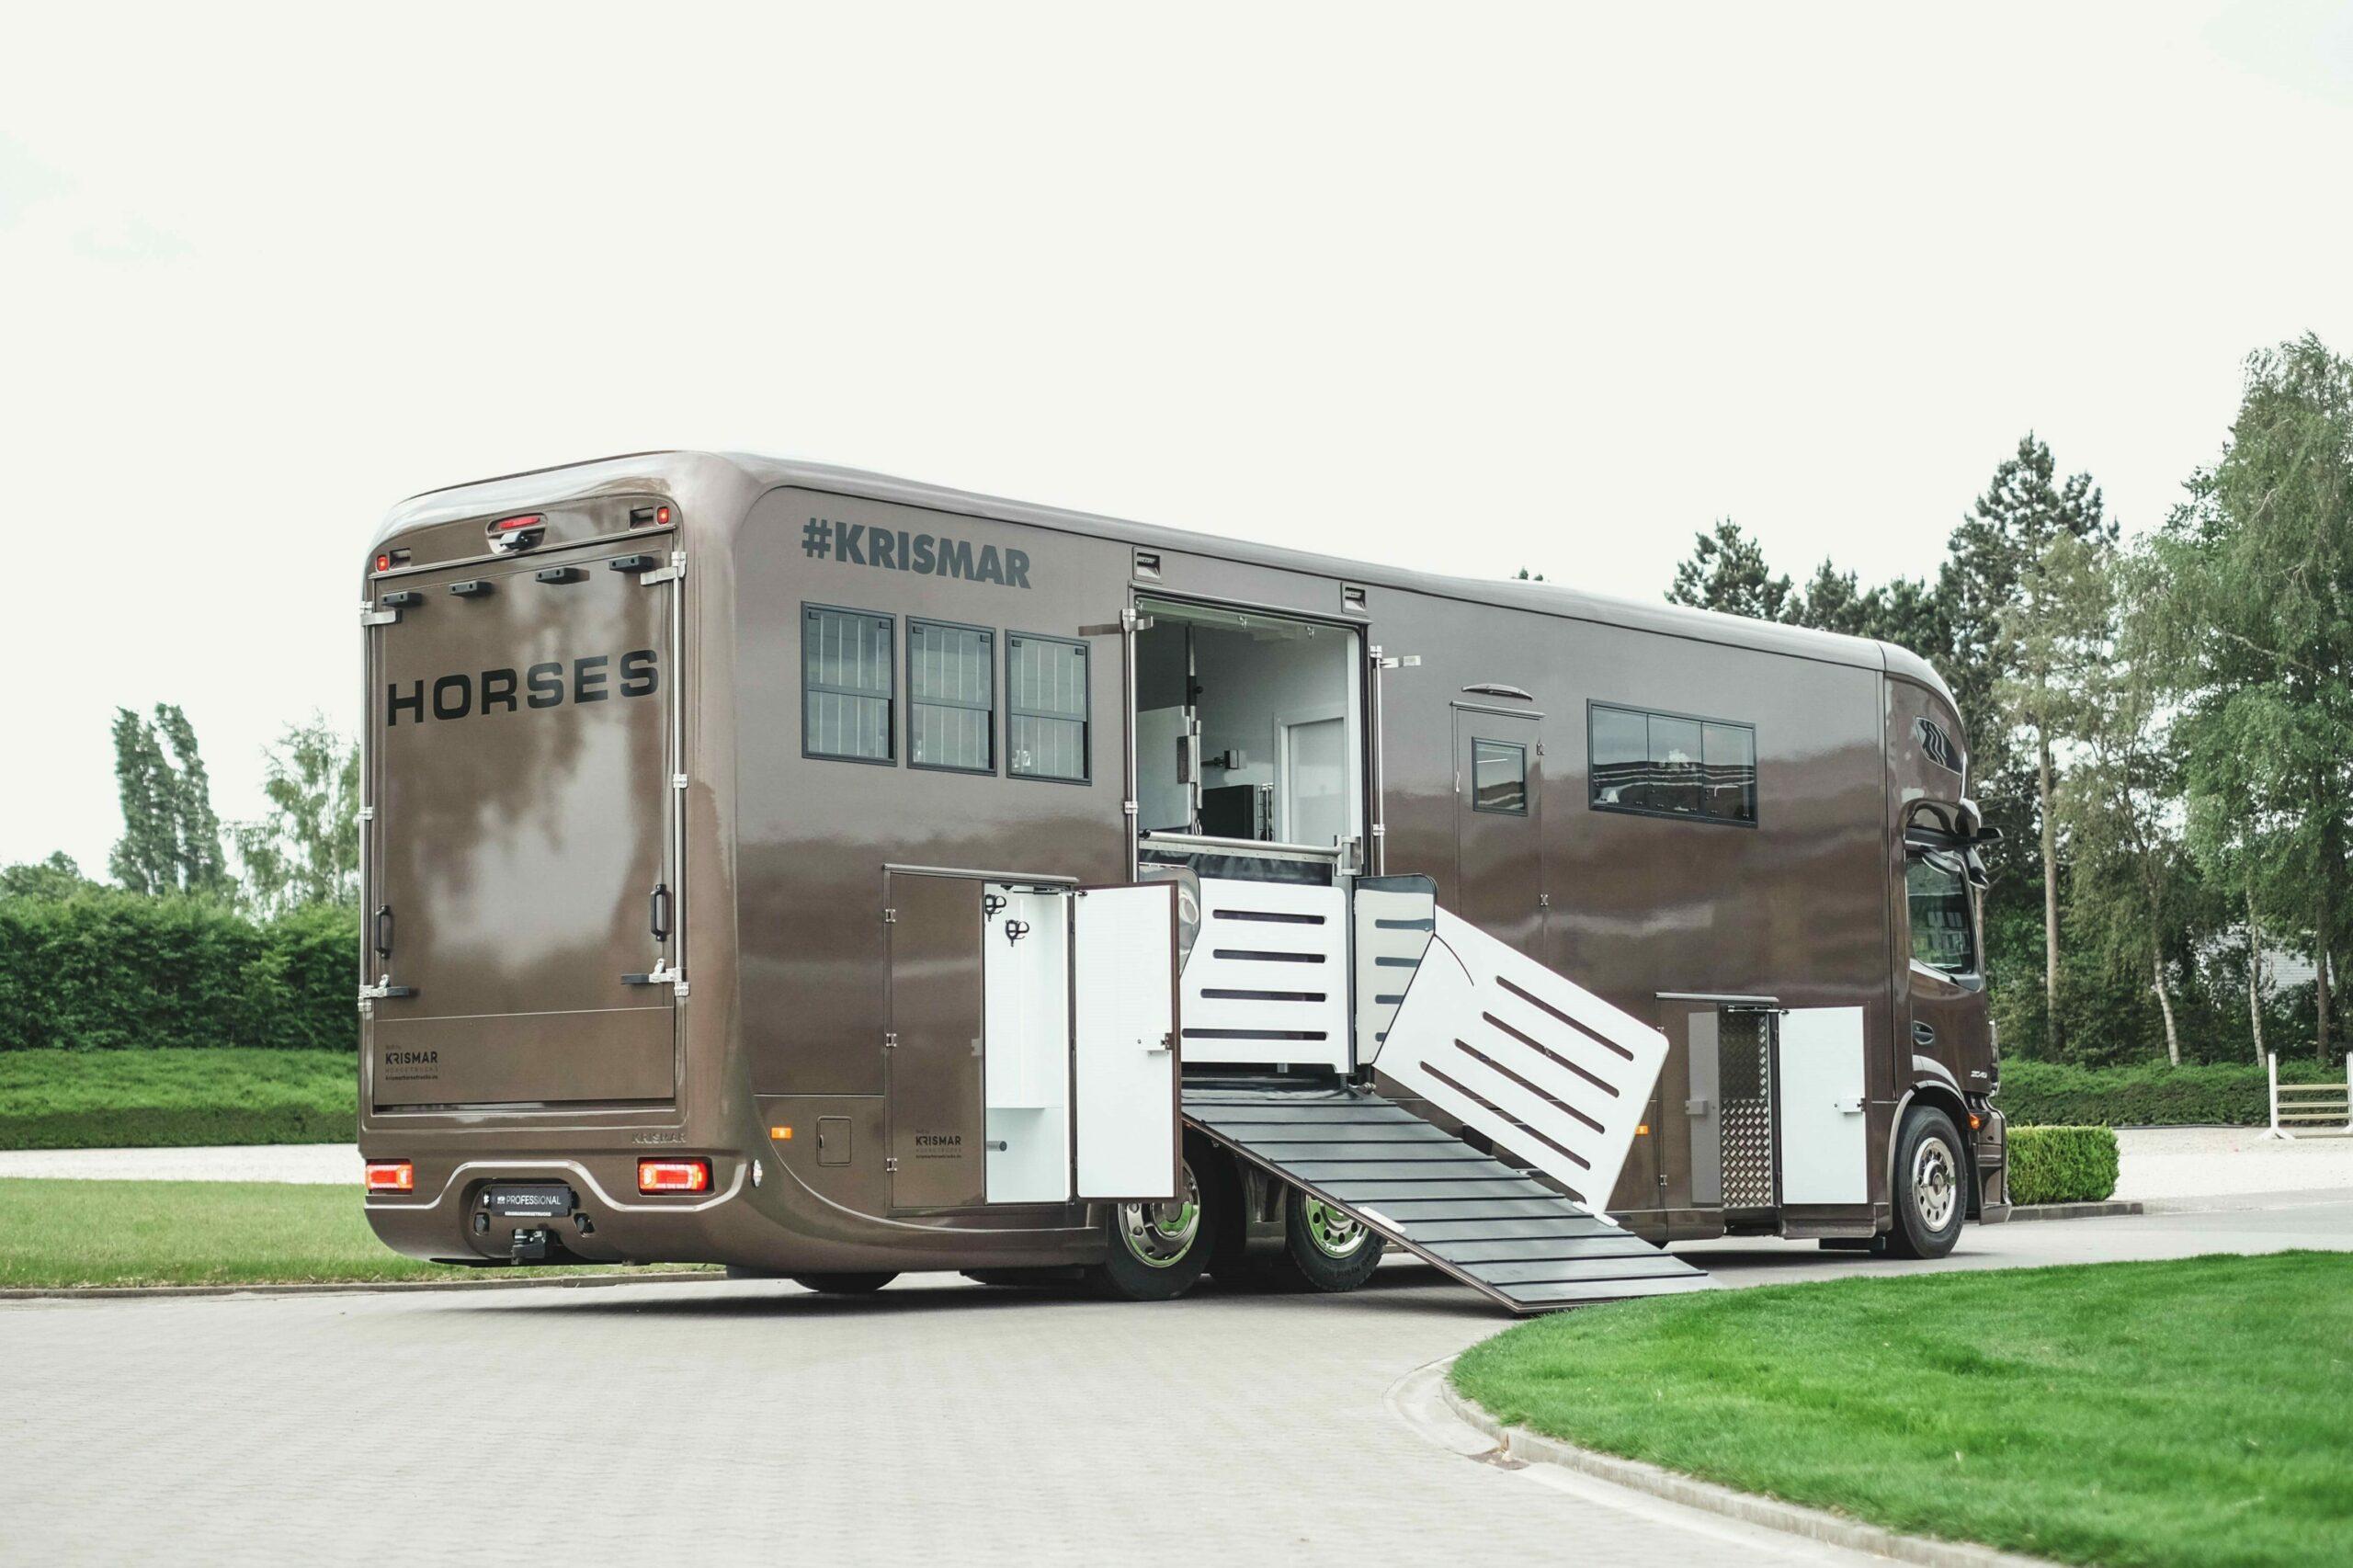 Krismar paardenvrachtwagen in bruine kleur